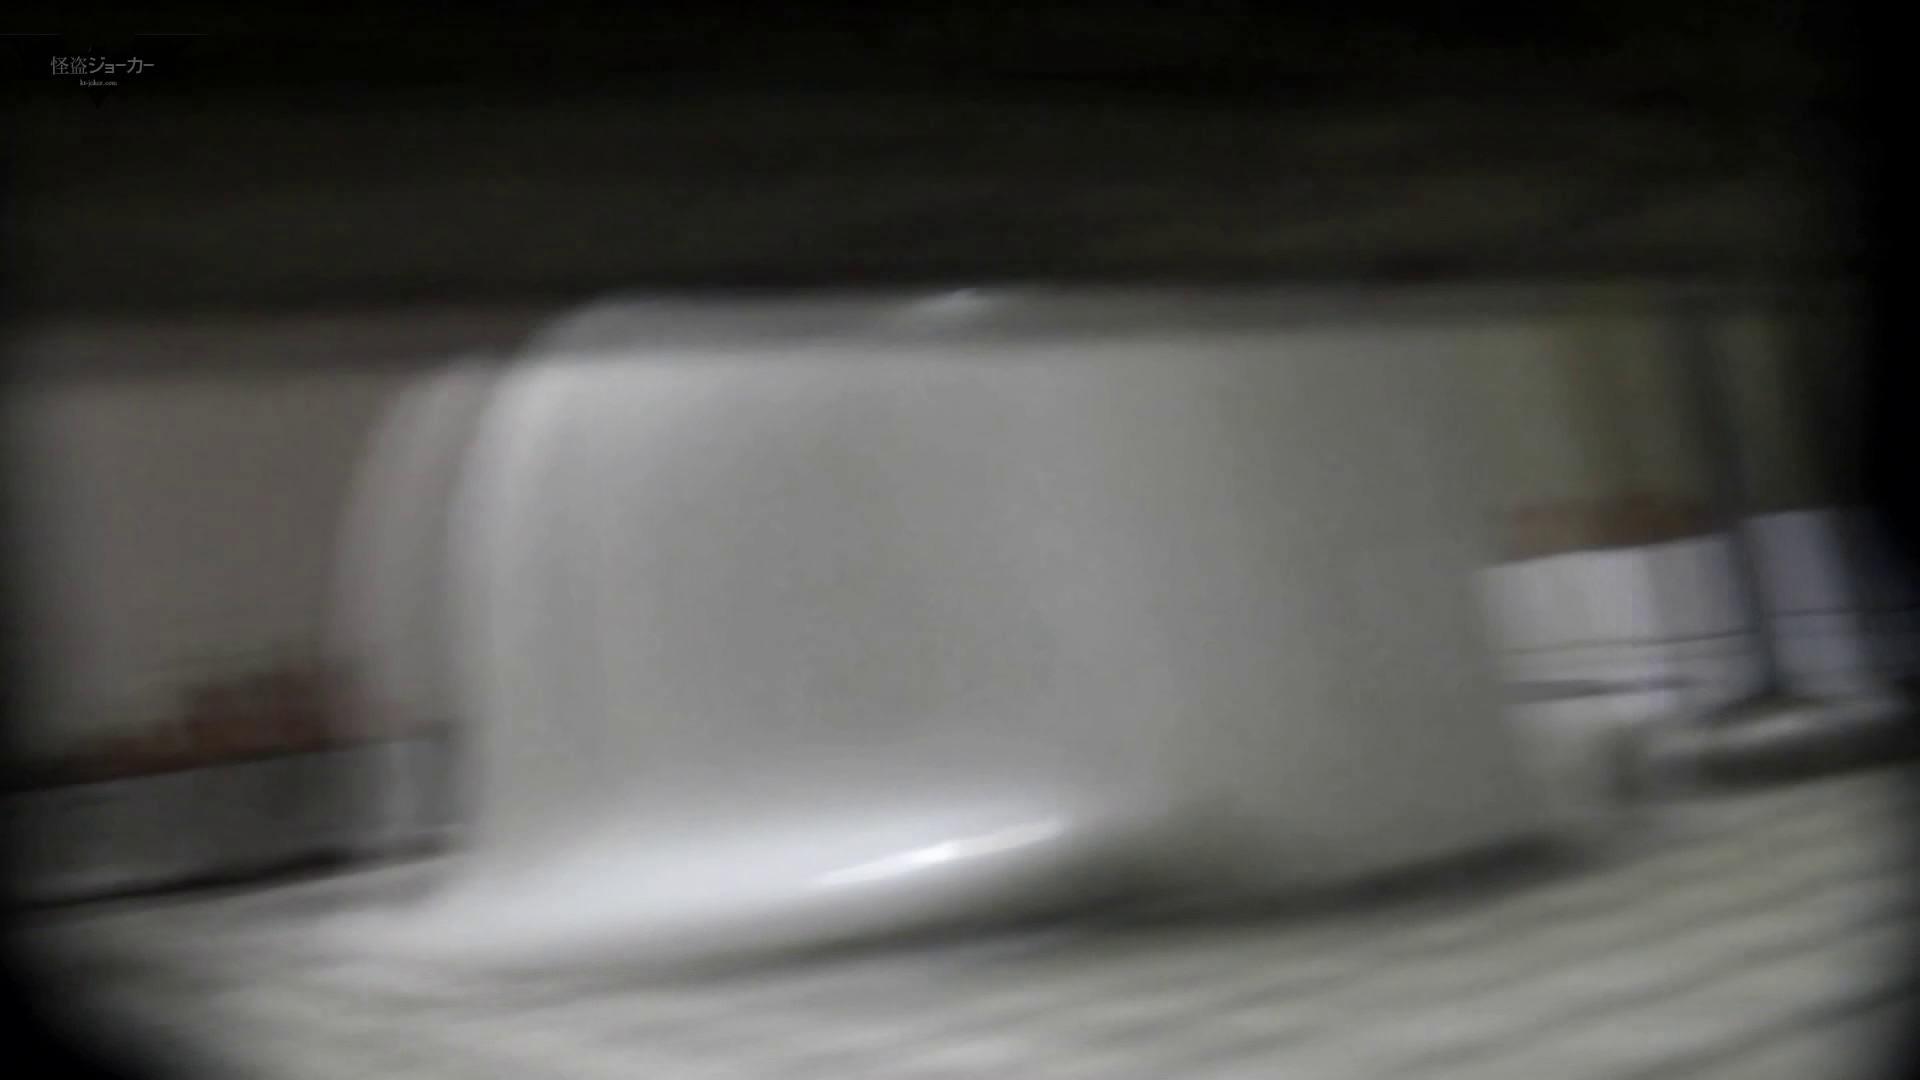 洗面所特攻隊 vol.53 隙間はとても重要なポイントです! OL | 洗面所着替え  24連発 19